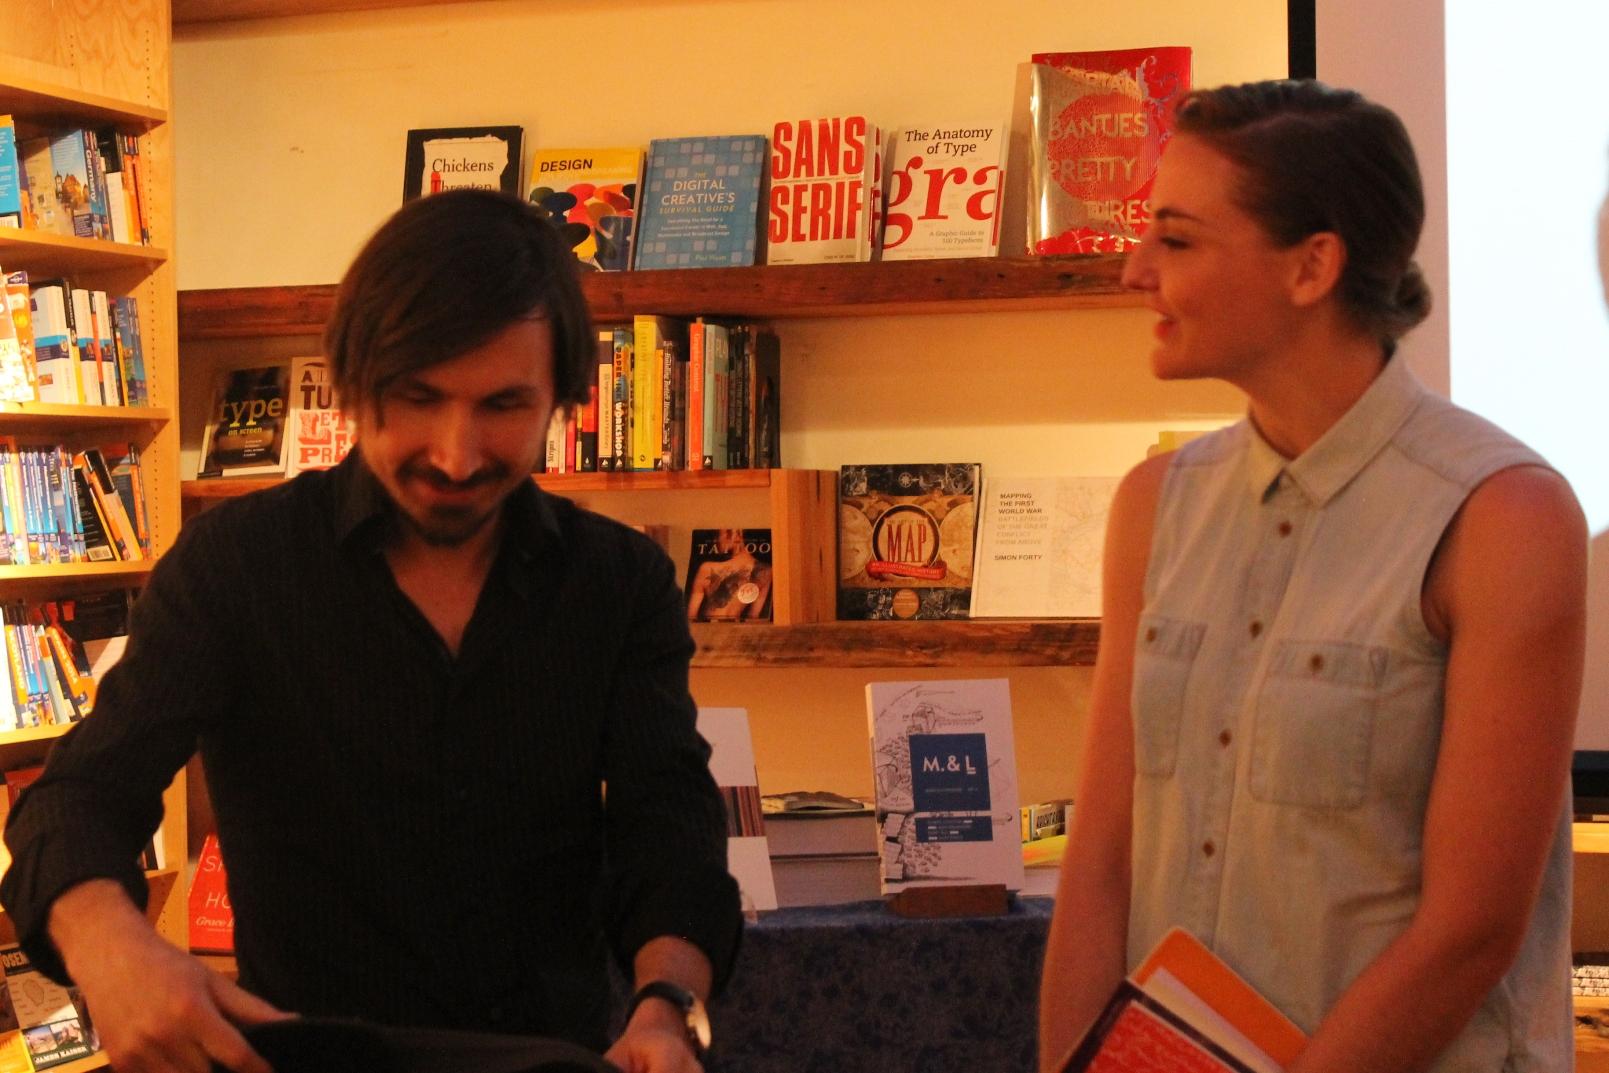 Stefan Tobler and Rachel Hurn in conversation © Rachel Caplan